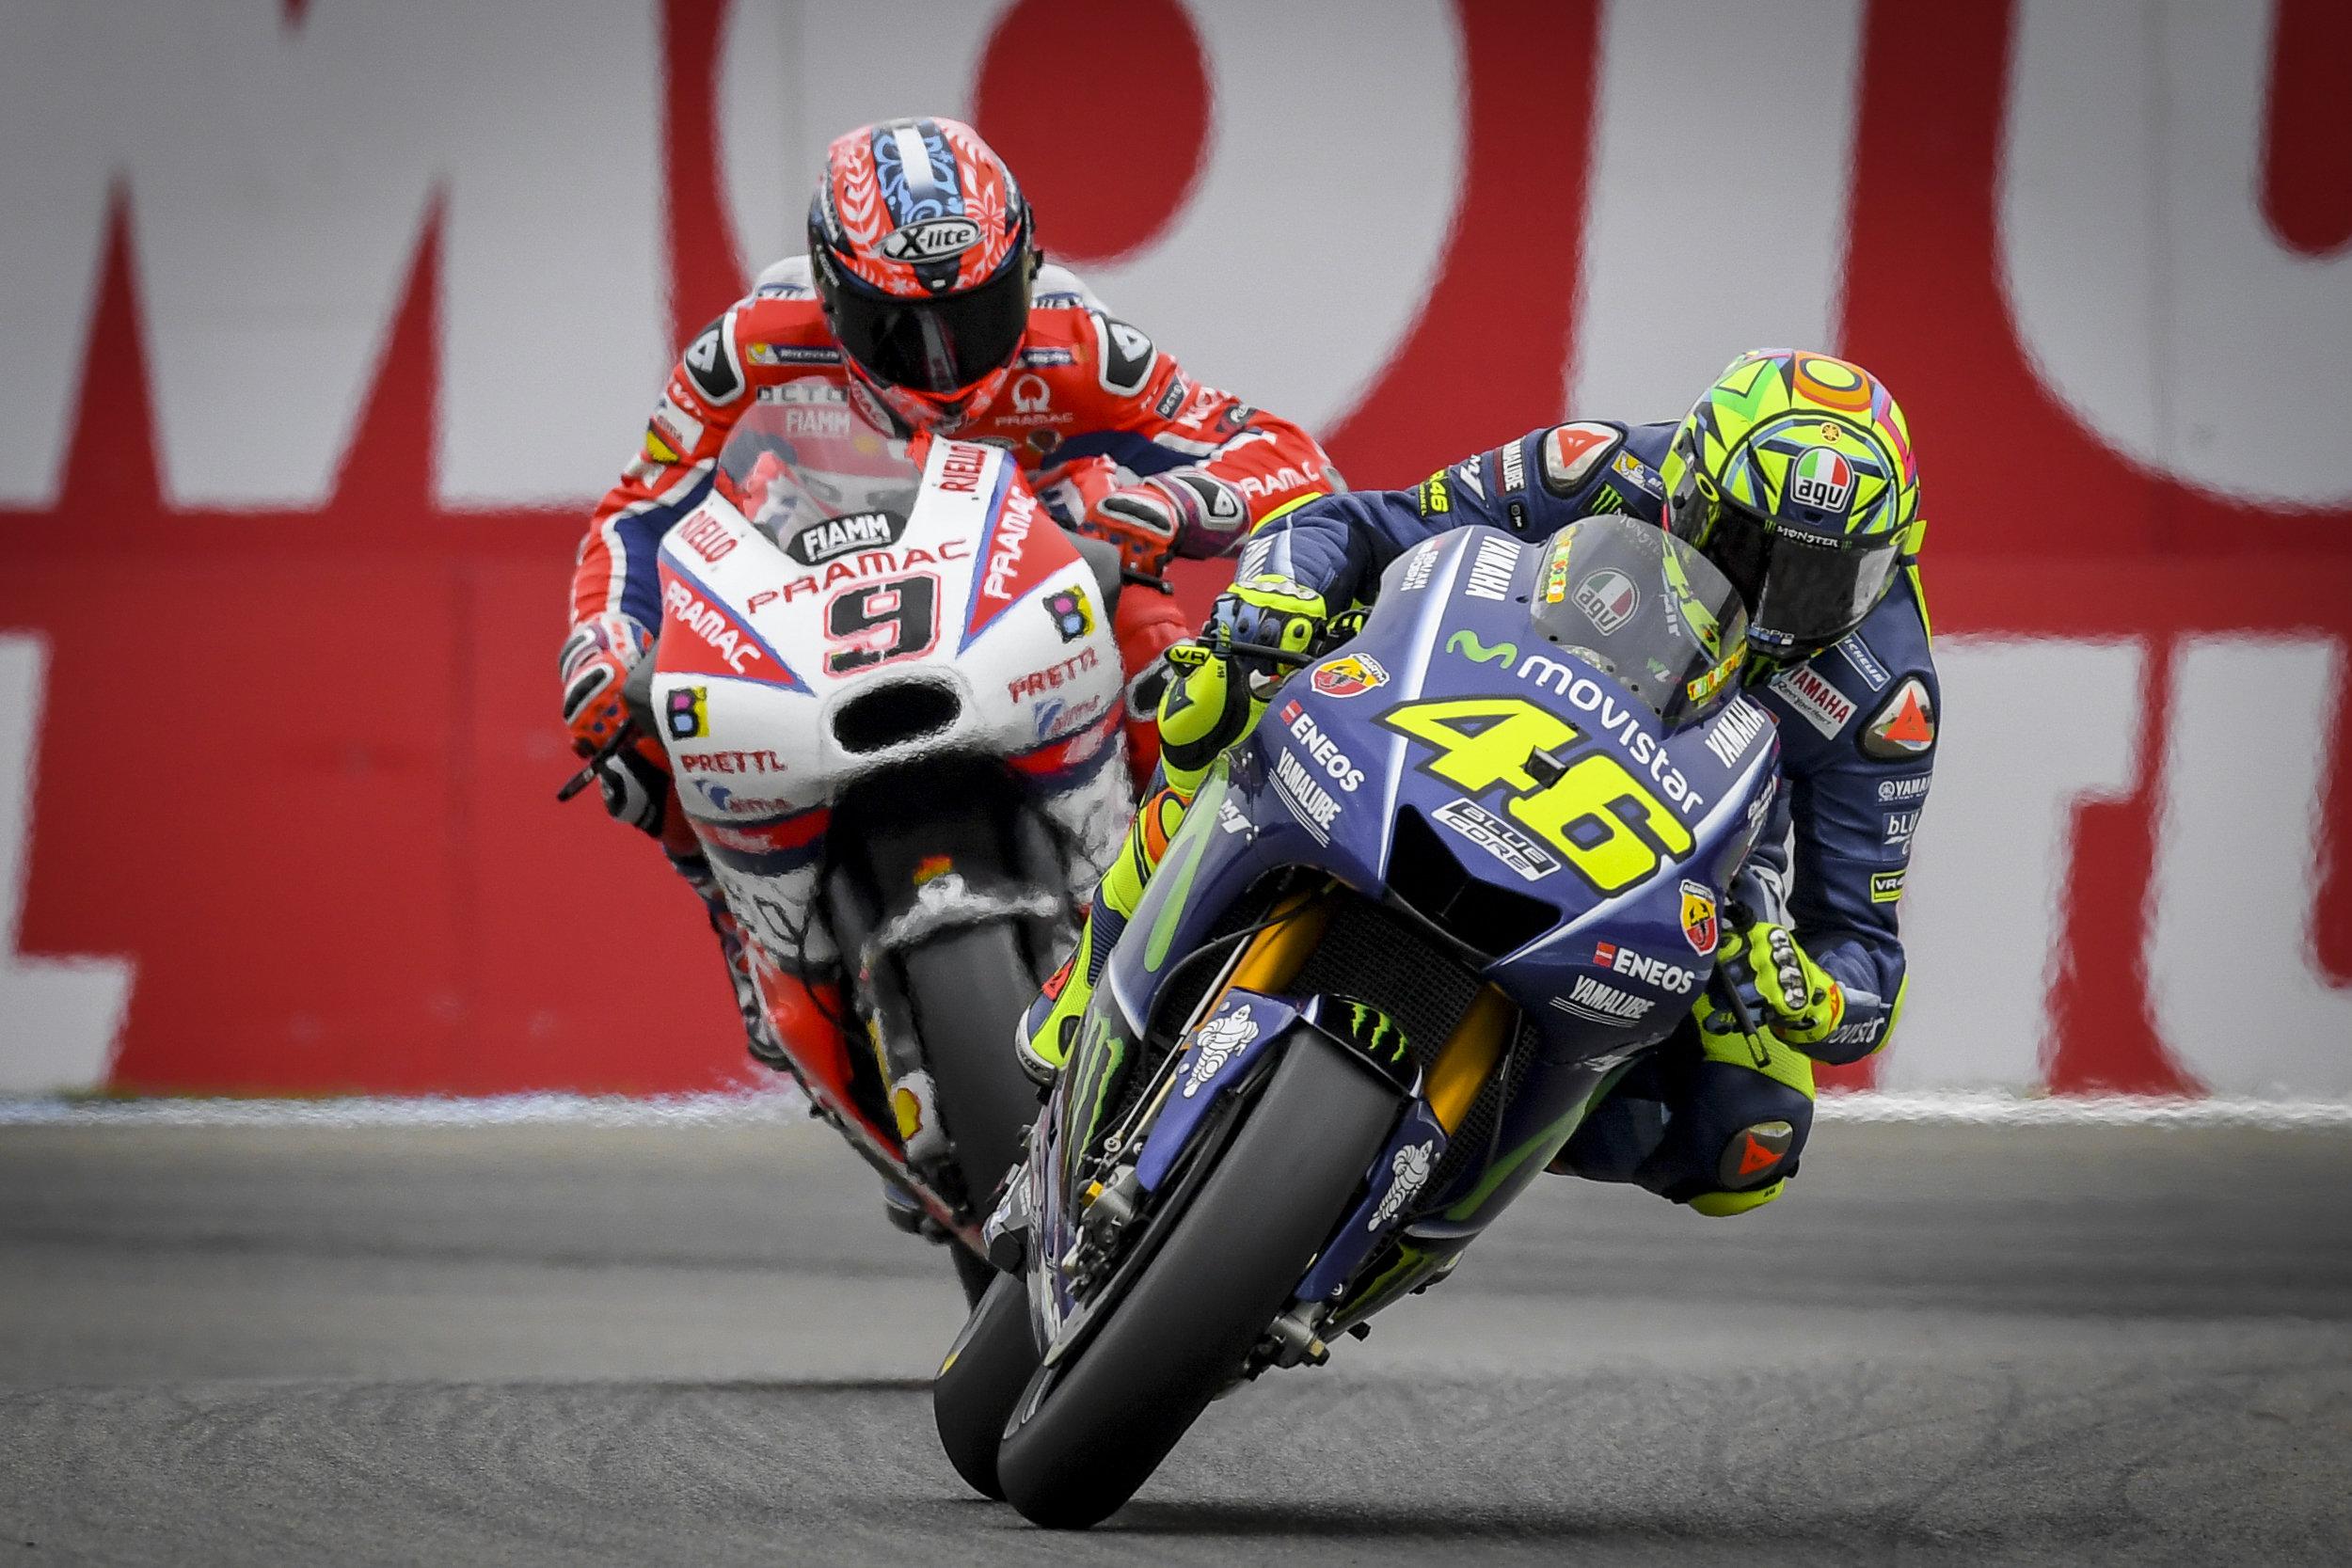 ¿Cuánto vale un punto en MotoGP?